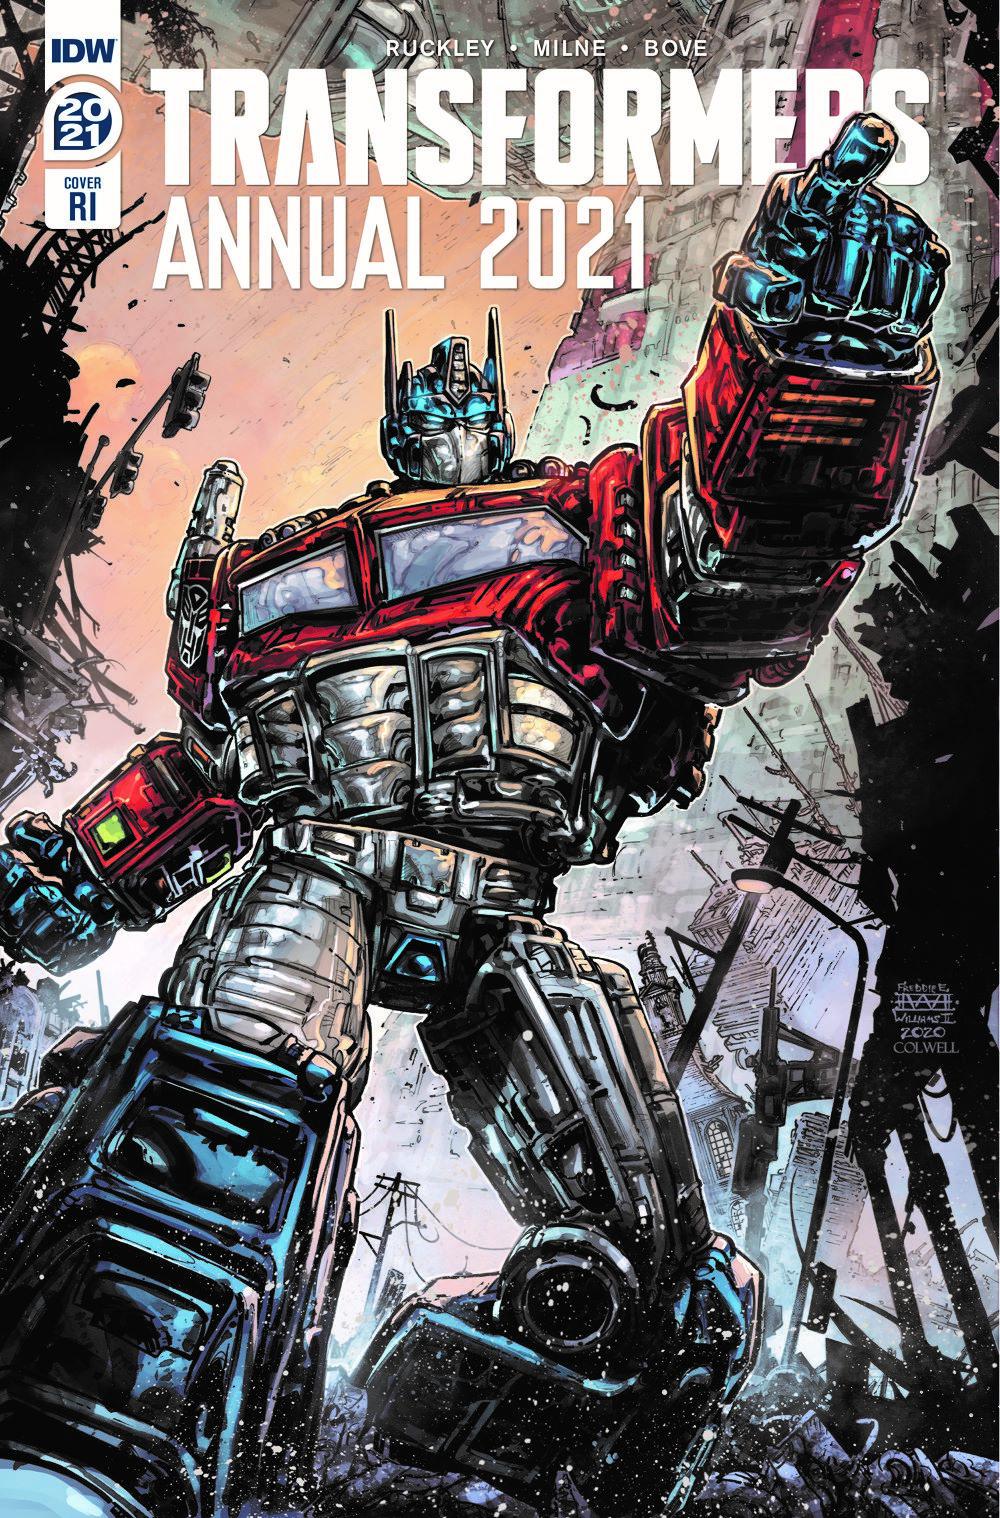 TF2021AnnualCover-RI ComicList Previews: TRANSFORMERS ANNUAL 2021